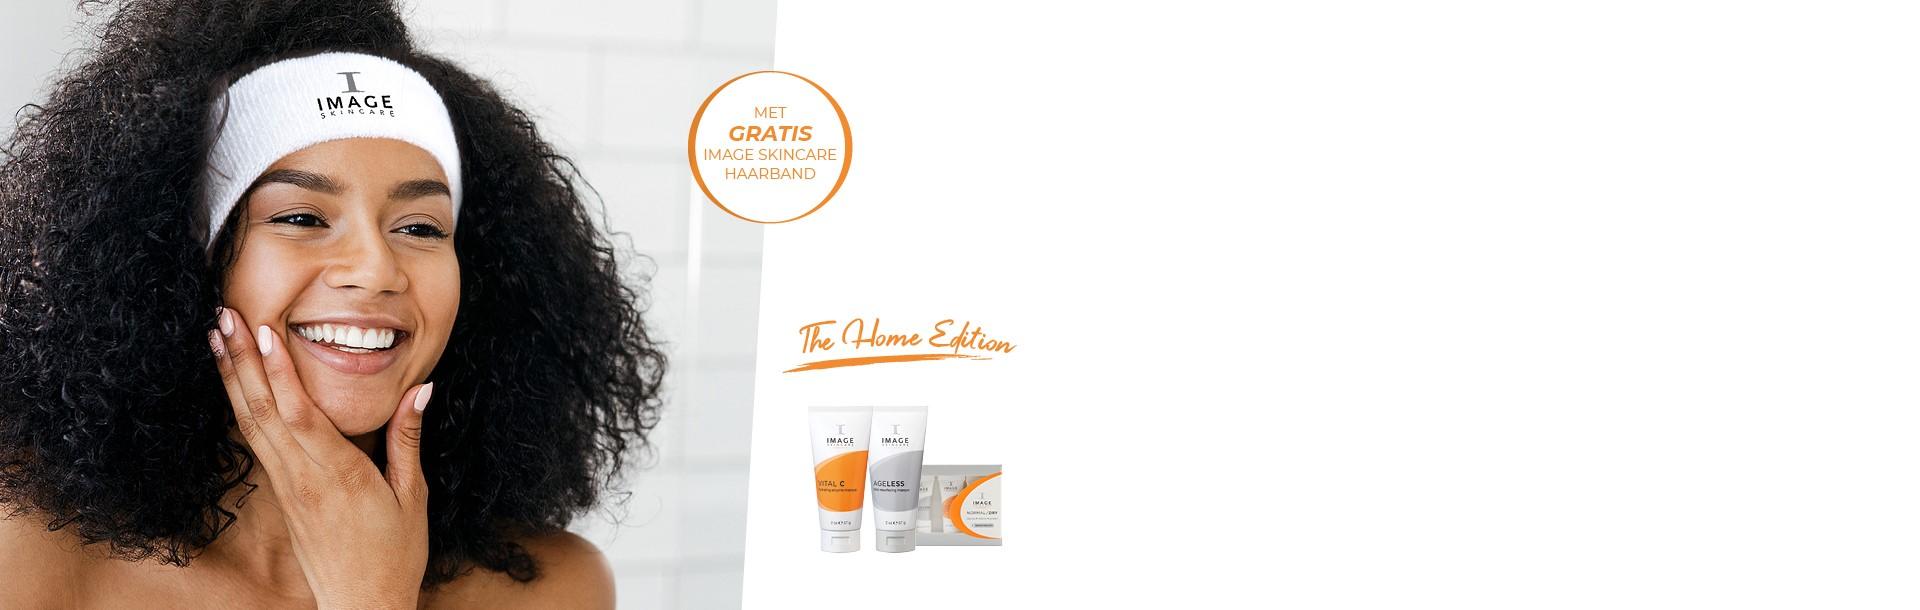 IMAGE Skincare thuisbehandelingen